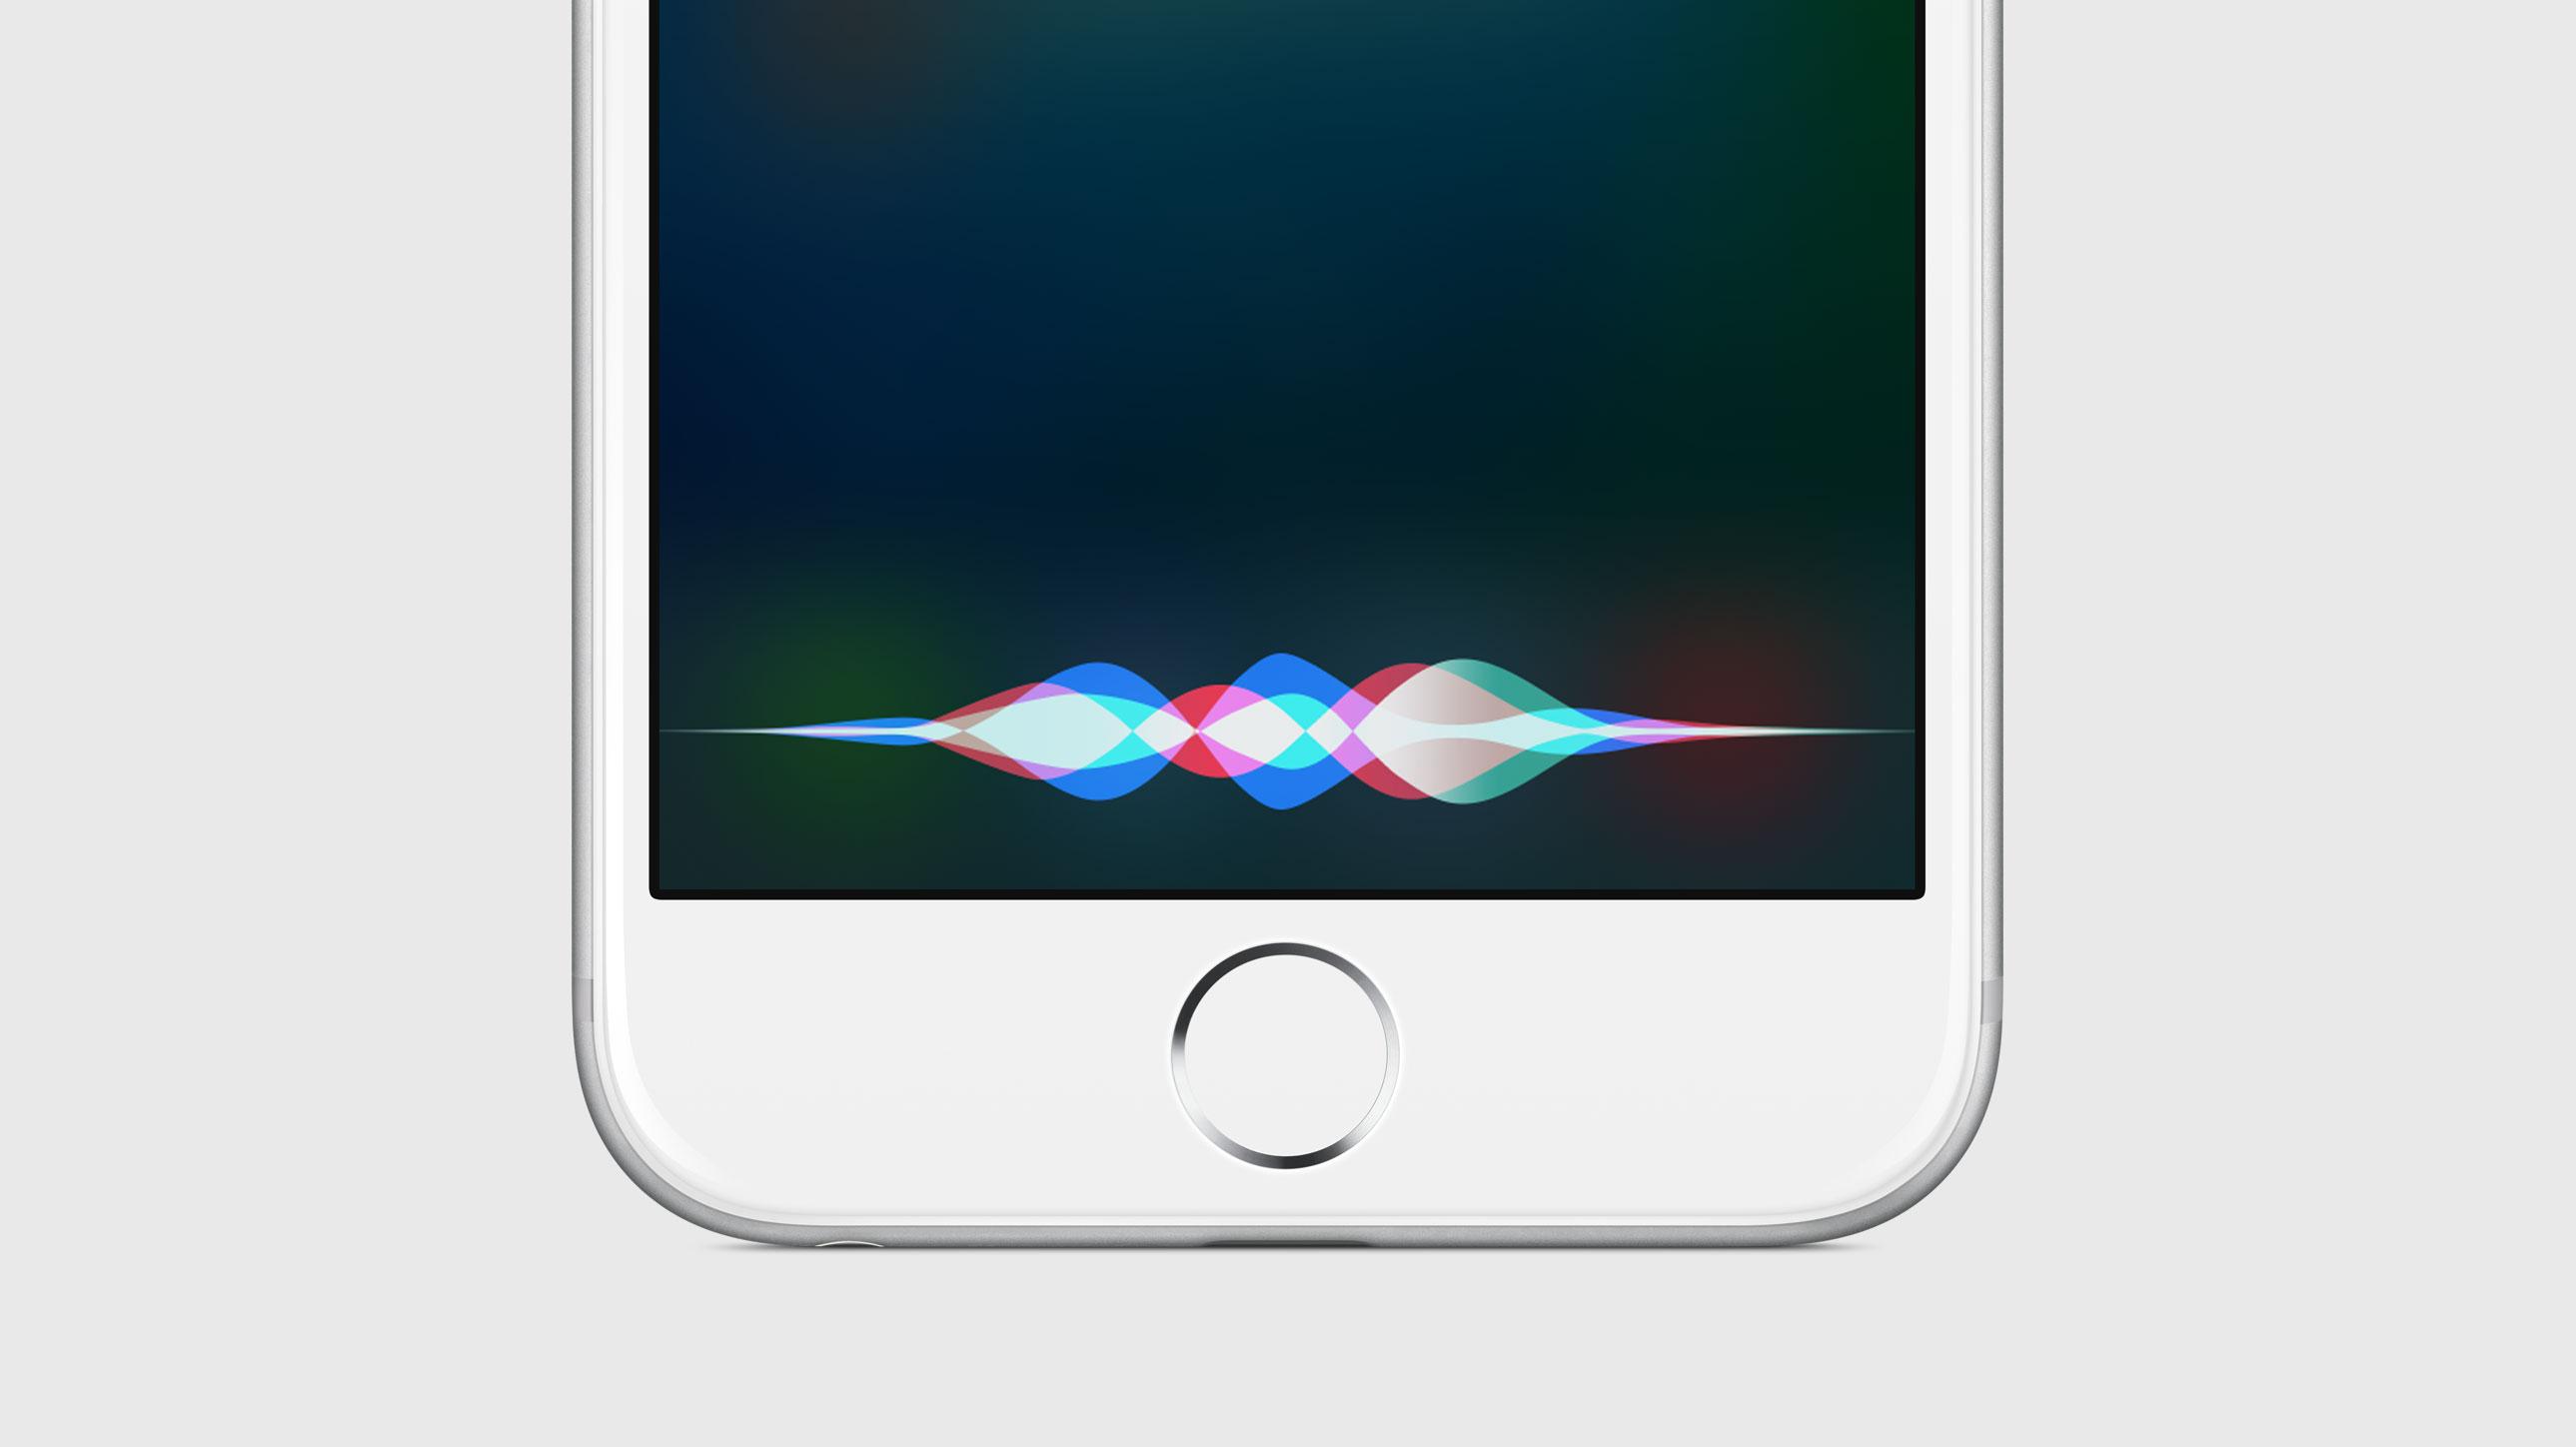 Apple pracuje na AI čipu pro iPhony